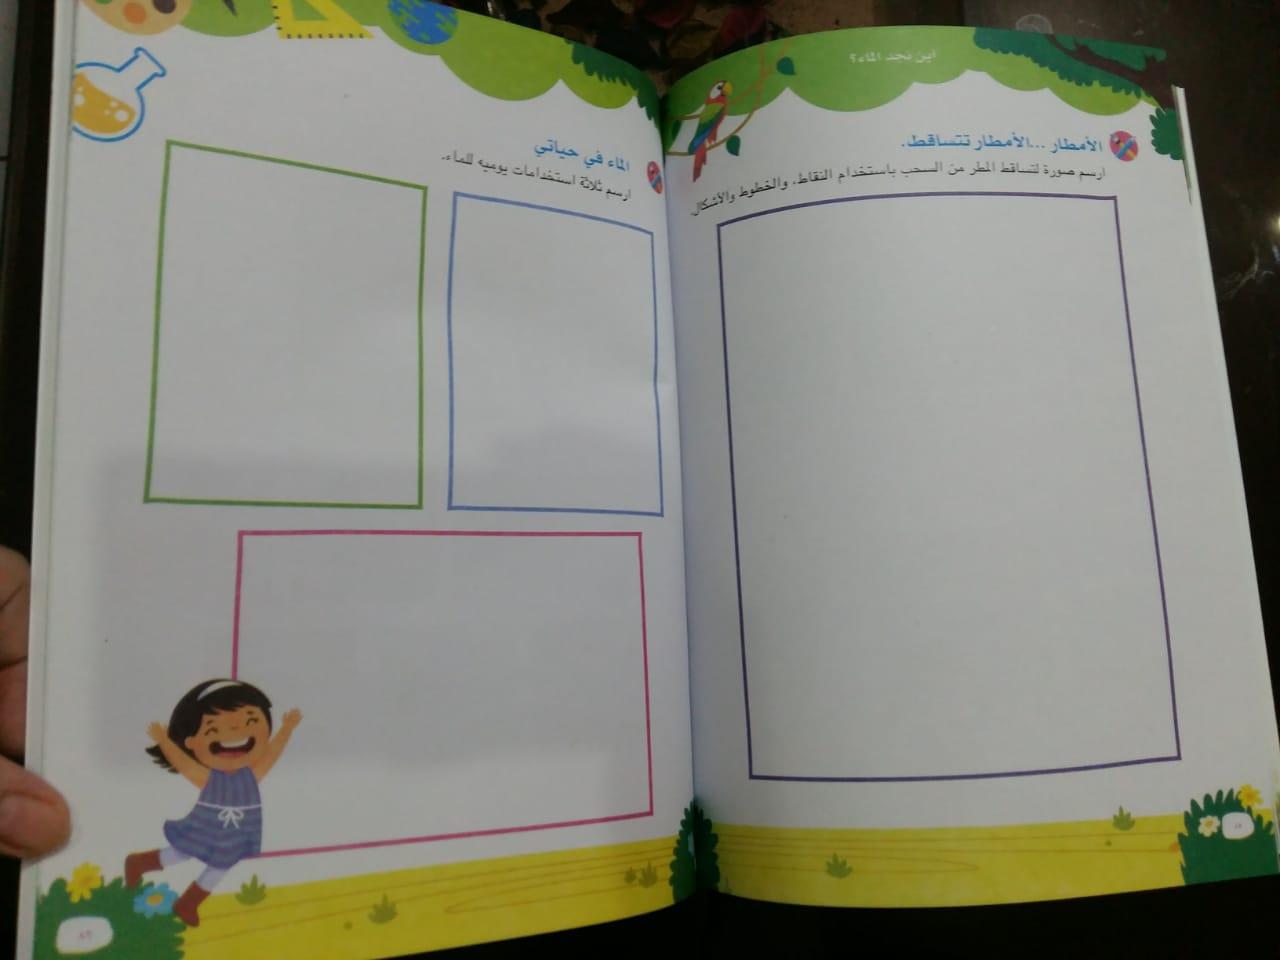 منهج رياض الأطفال الجديد (3)